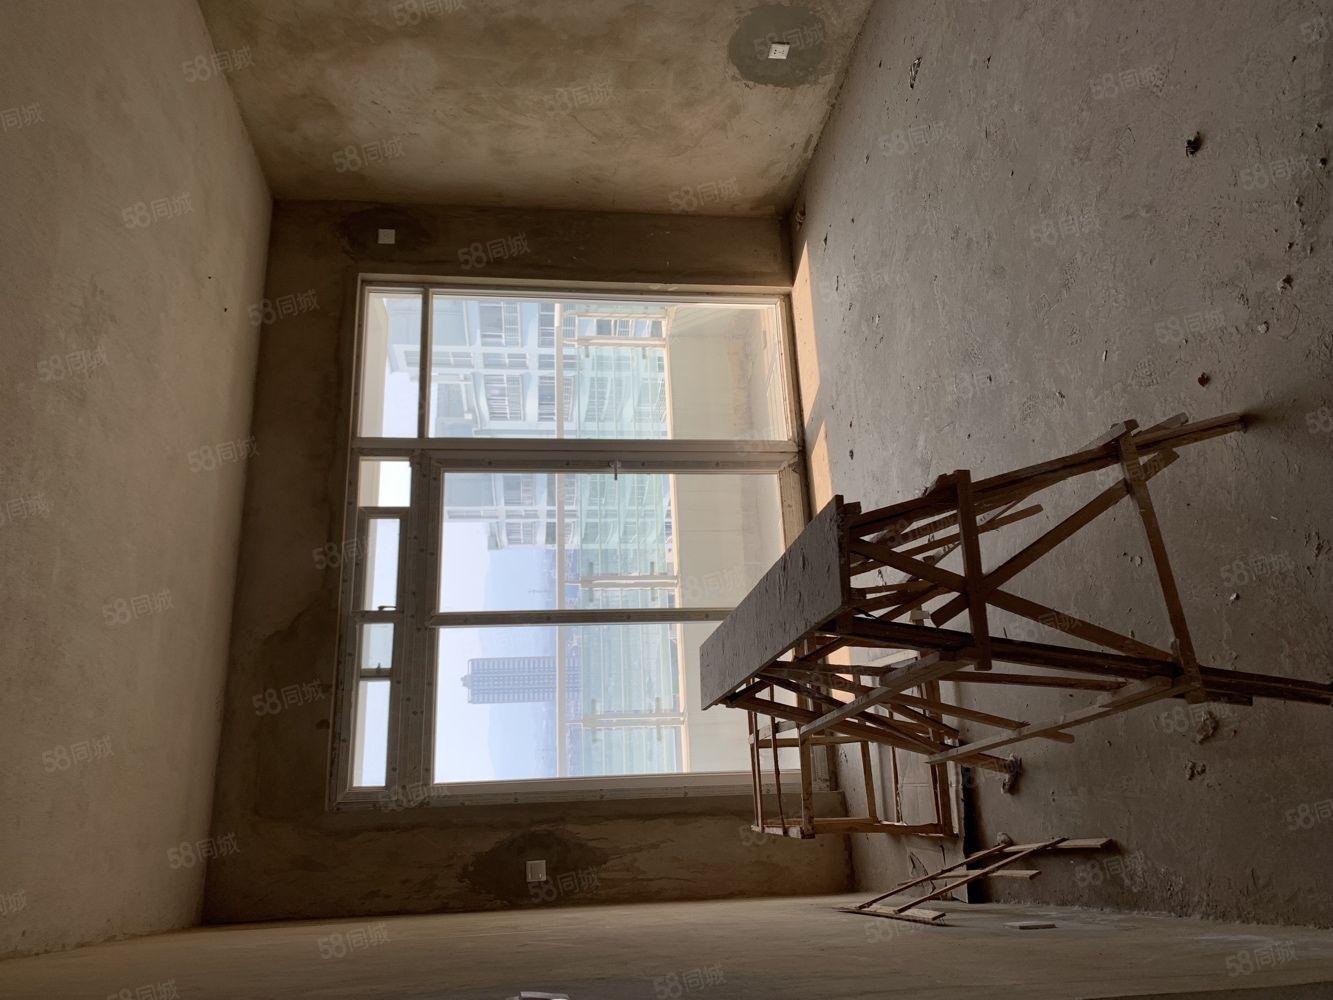 玉溪二小区92平米全新毛房带车位标准三居室无浪费双面通透型